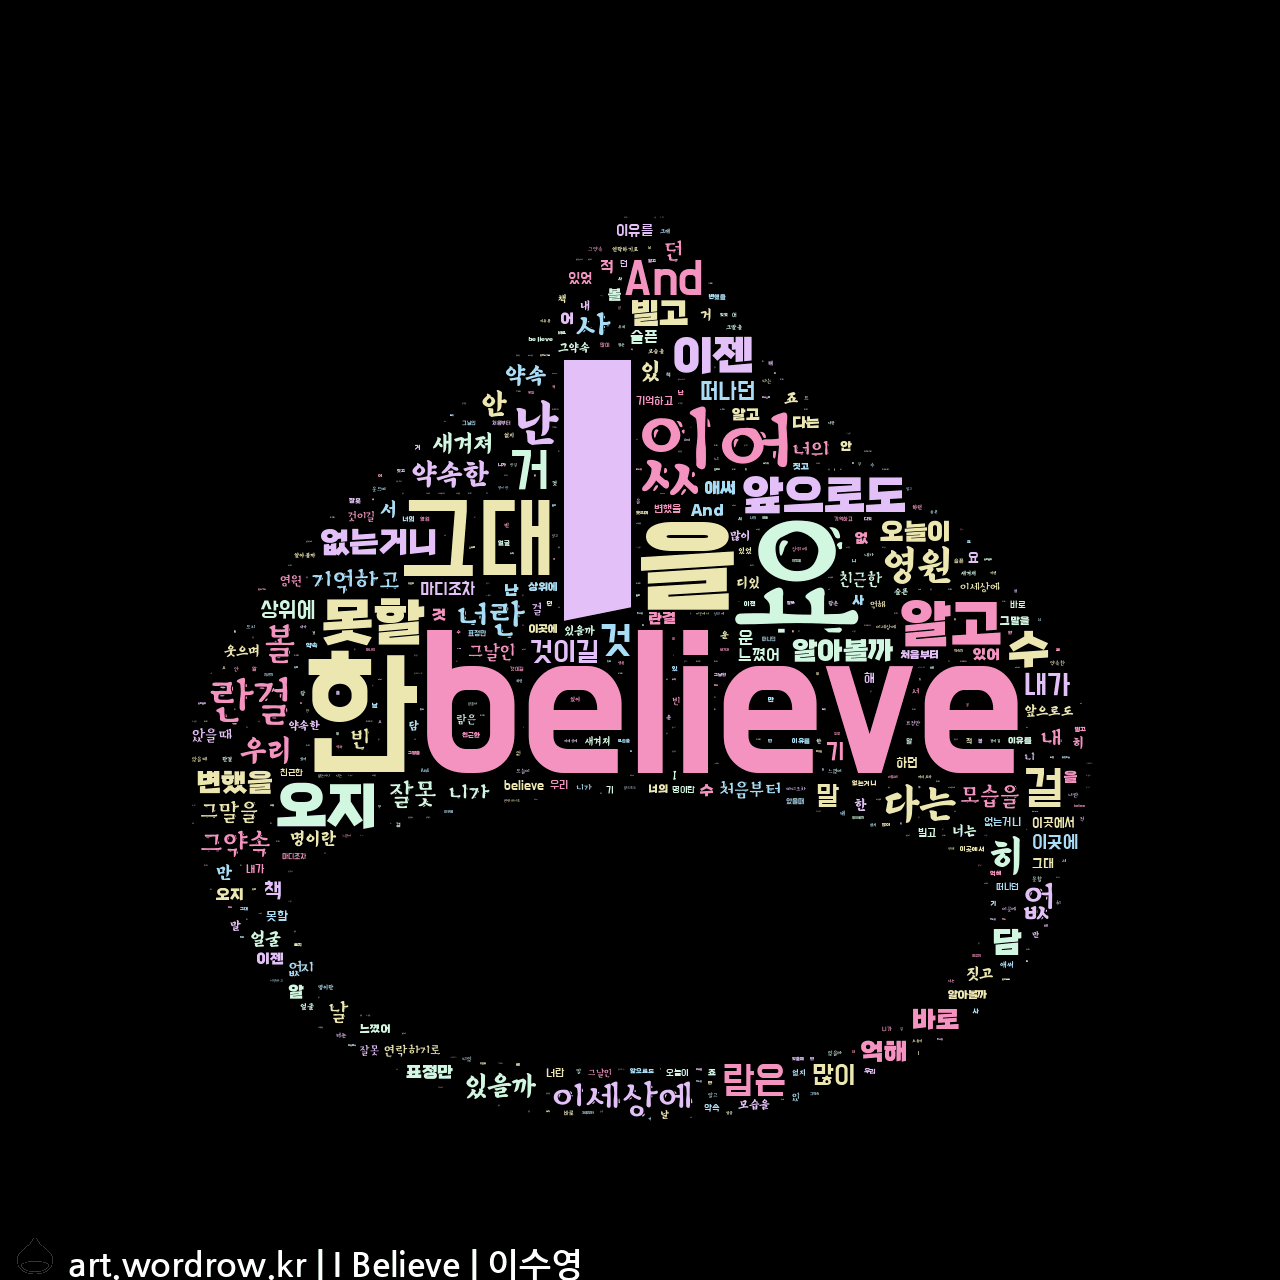 워드 클라우드: I Believe [이수영]-15